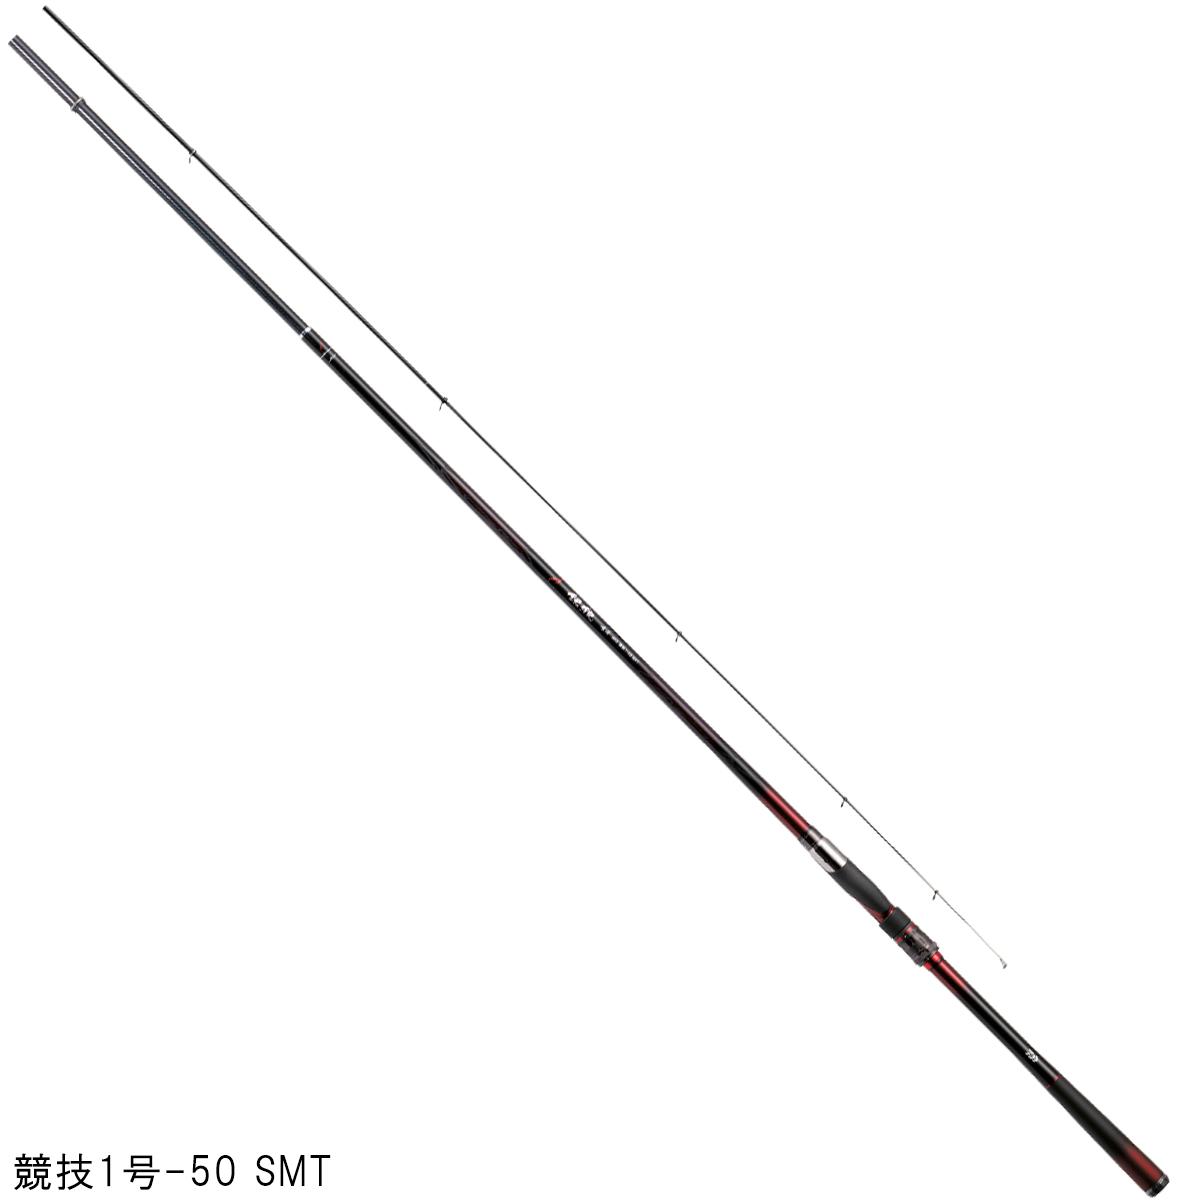 ダイワ 銀狼唯牙 AGS 競技1号-50 SMT【送料無料】